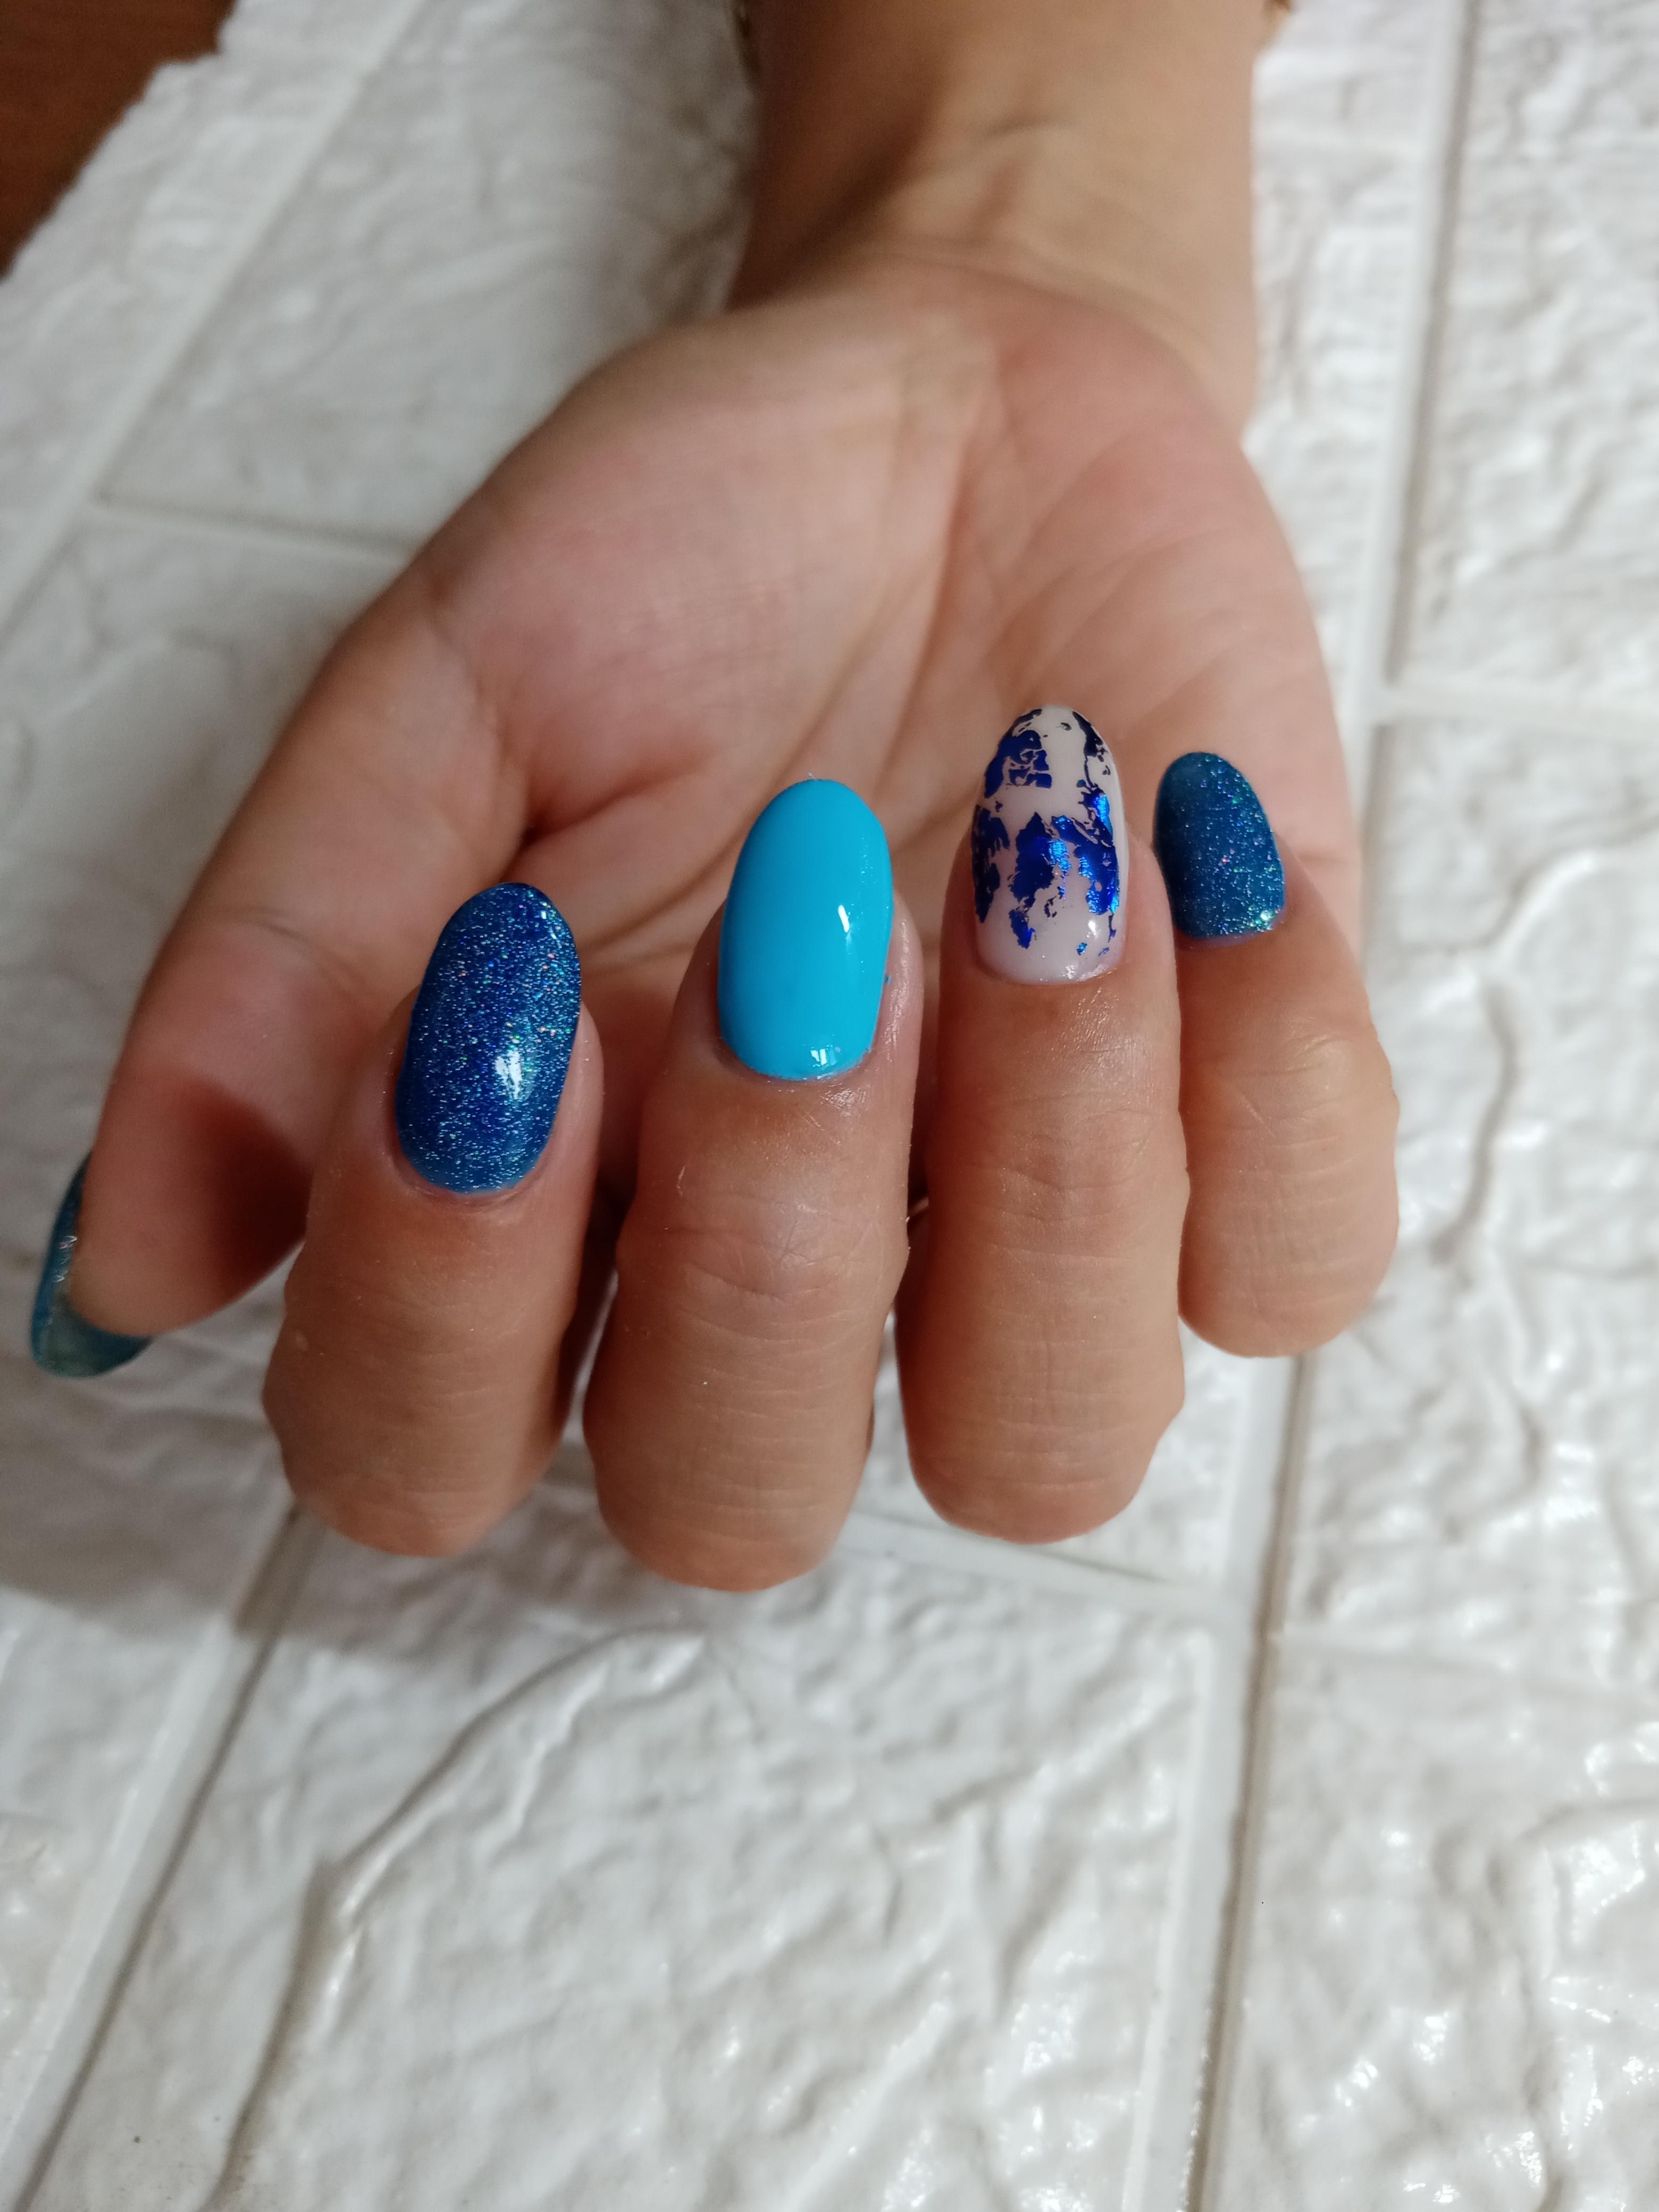 Маникюр с цветной фольгой и блестками в синем цвете на короткие ногти.